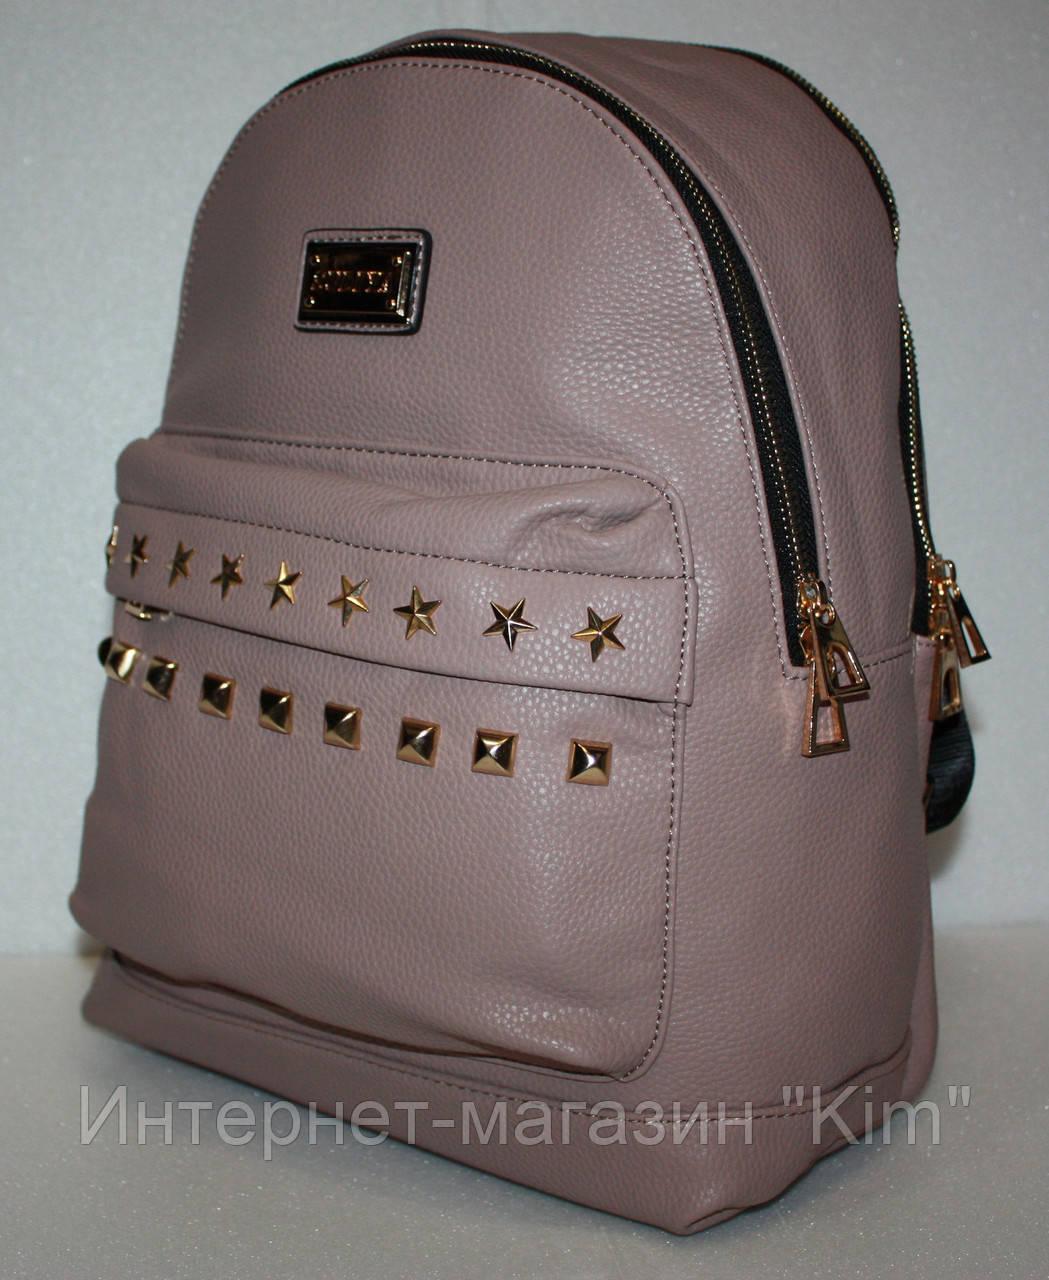 fe96c8bfe9c5 Школьный рюкзак женский экокожа пудра со звездами - Интернет-магазин